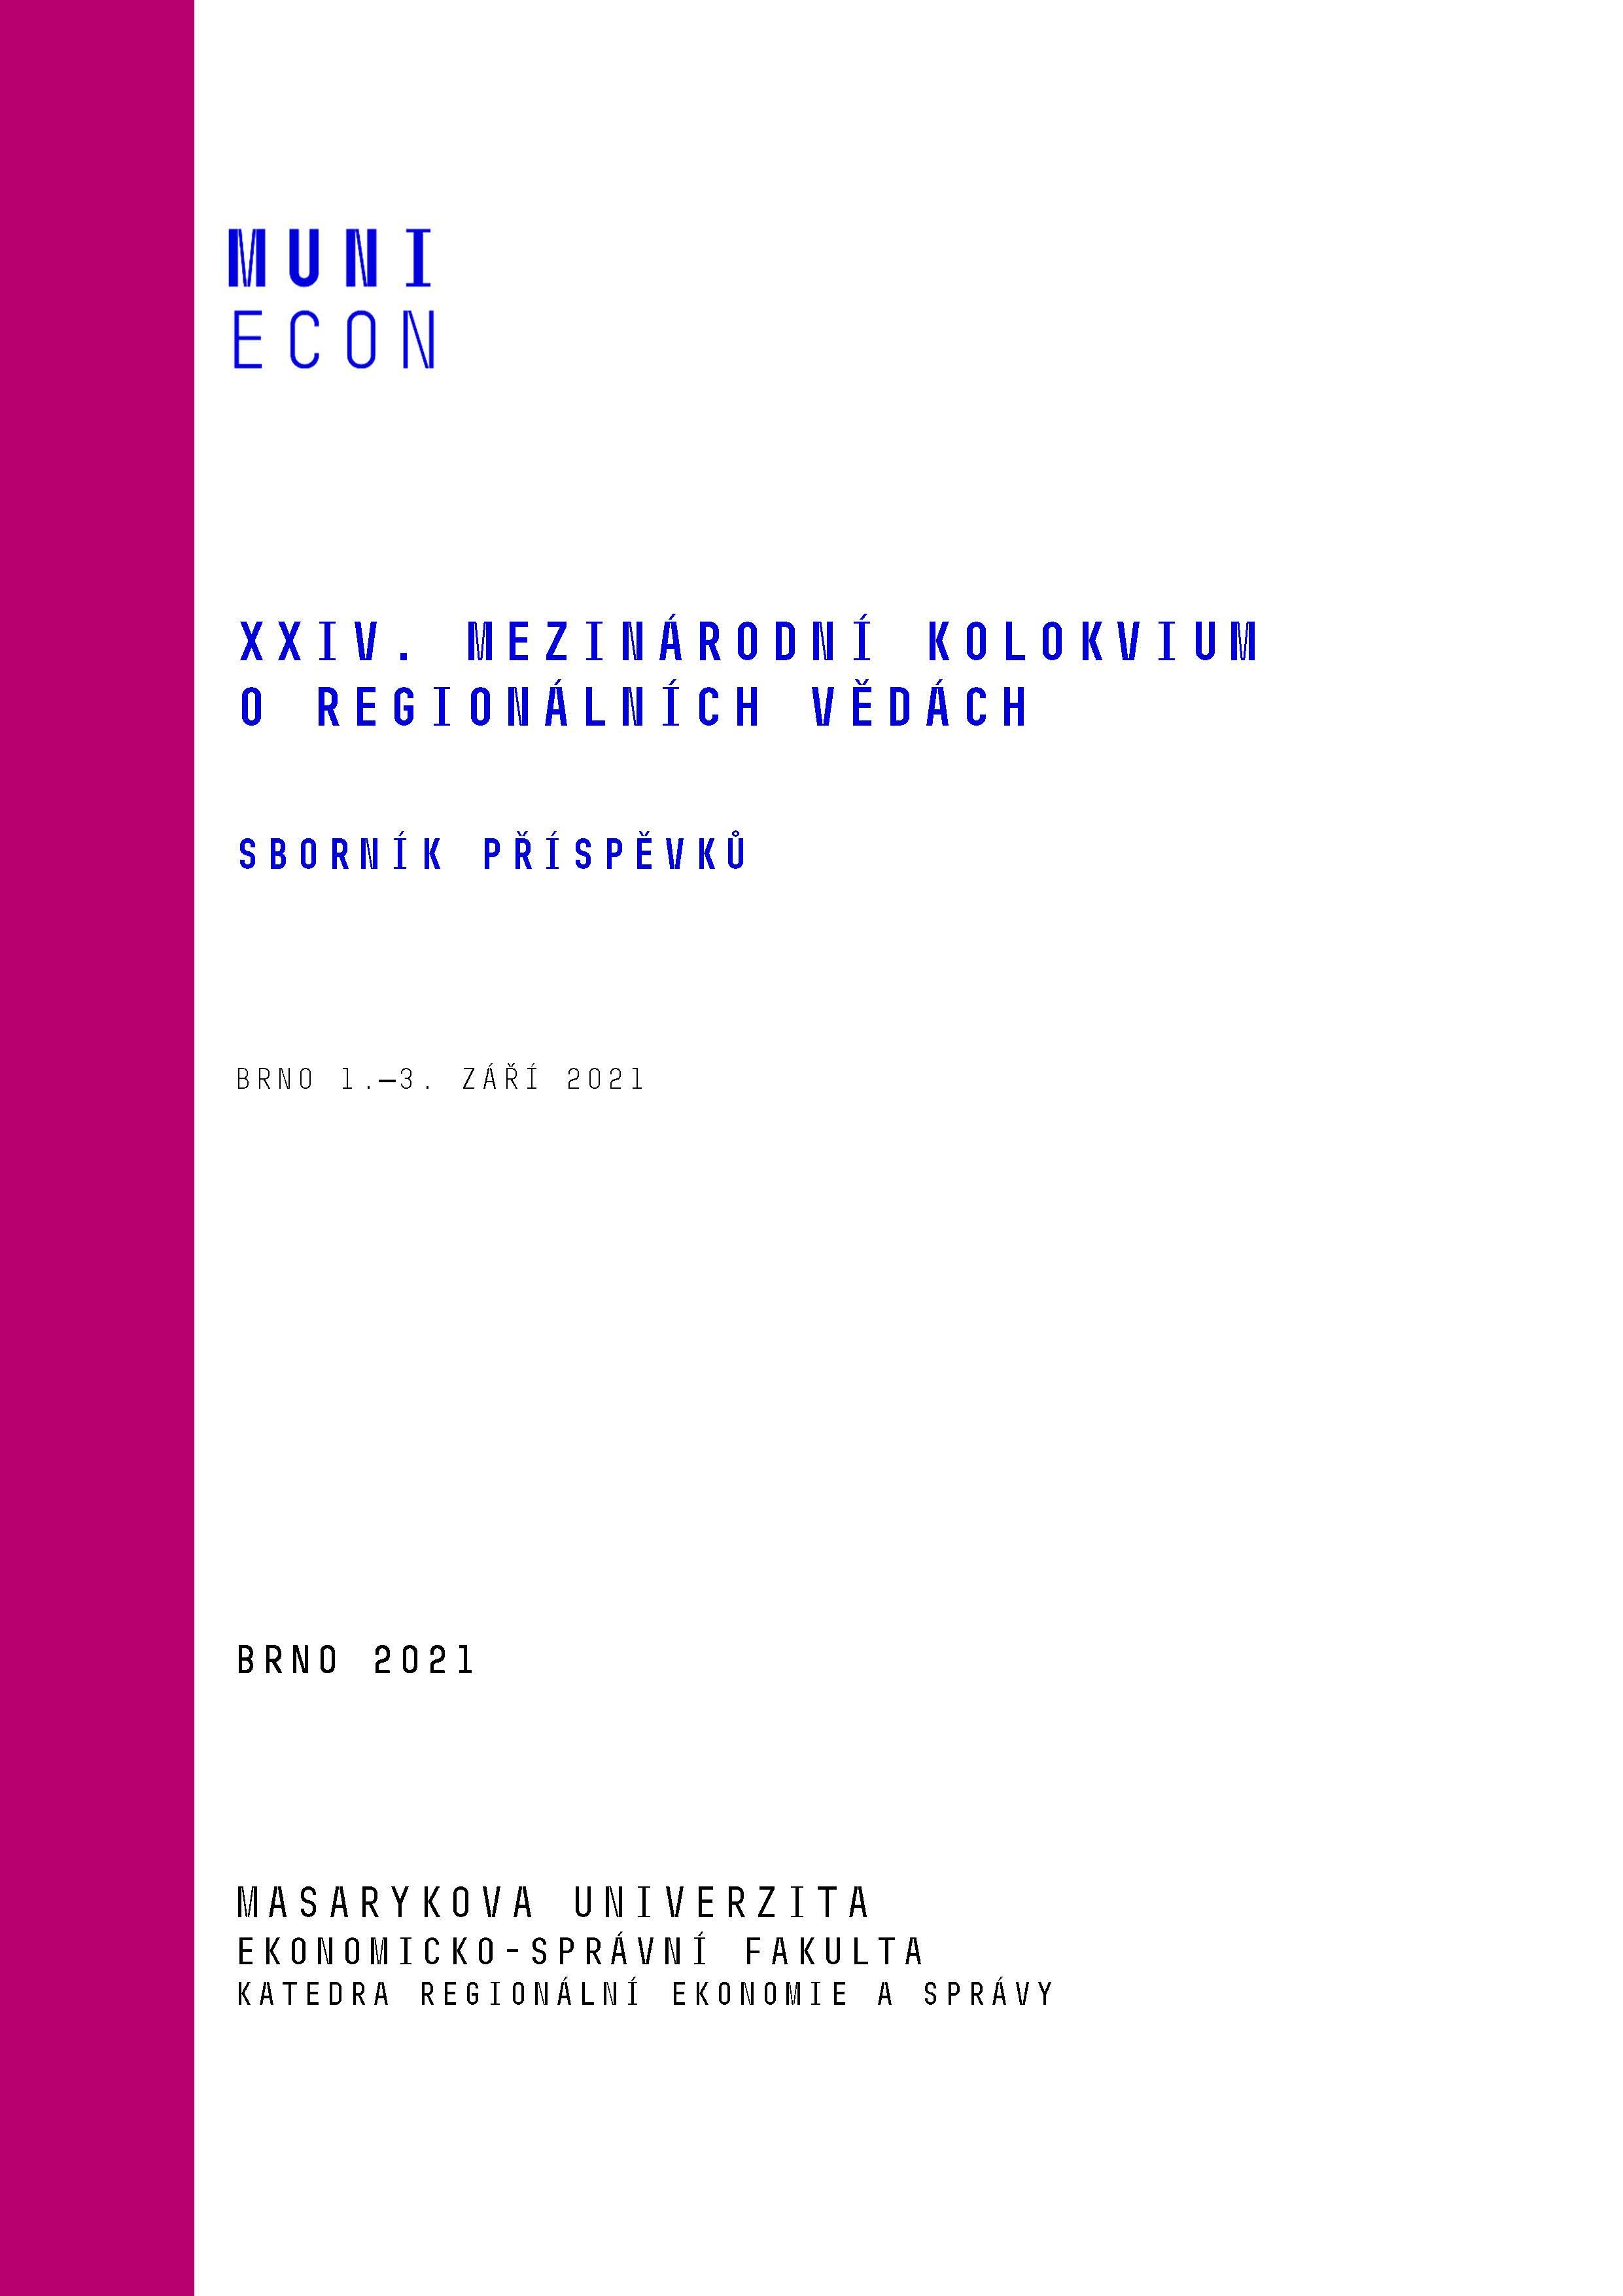 Obálka pro XXIV. mezinárodní kolokvium o regionálních vědách. Sborník příspěvků